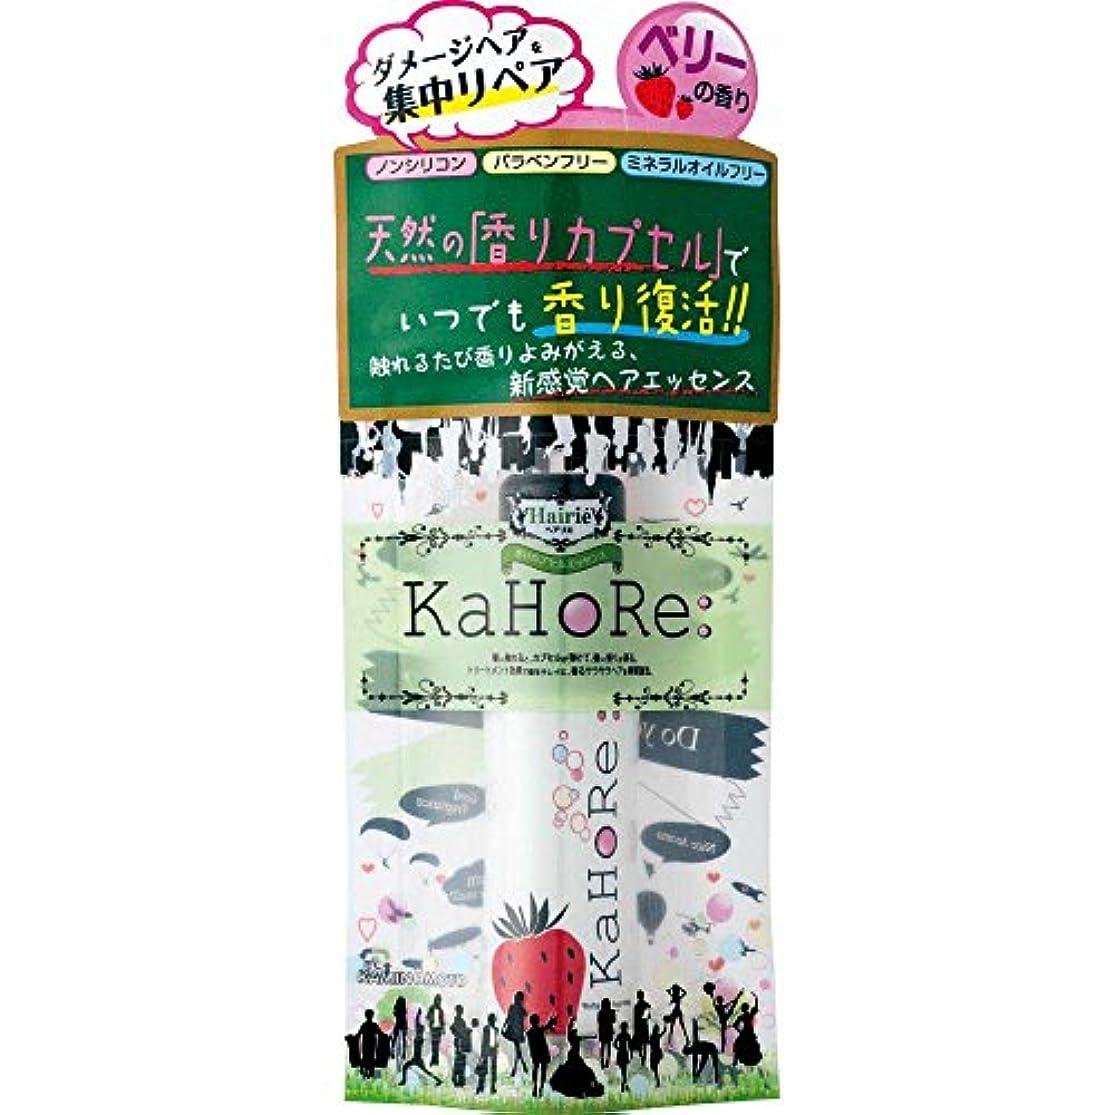 森林バー着るヘアリエ KaHoRe ヘアエッセンス ミックスベリーの香り 30g